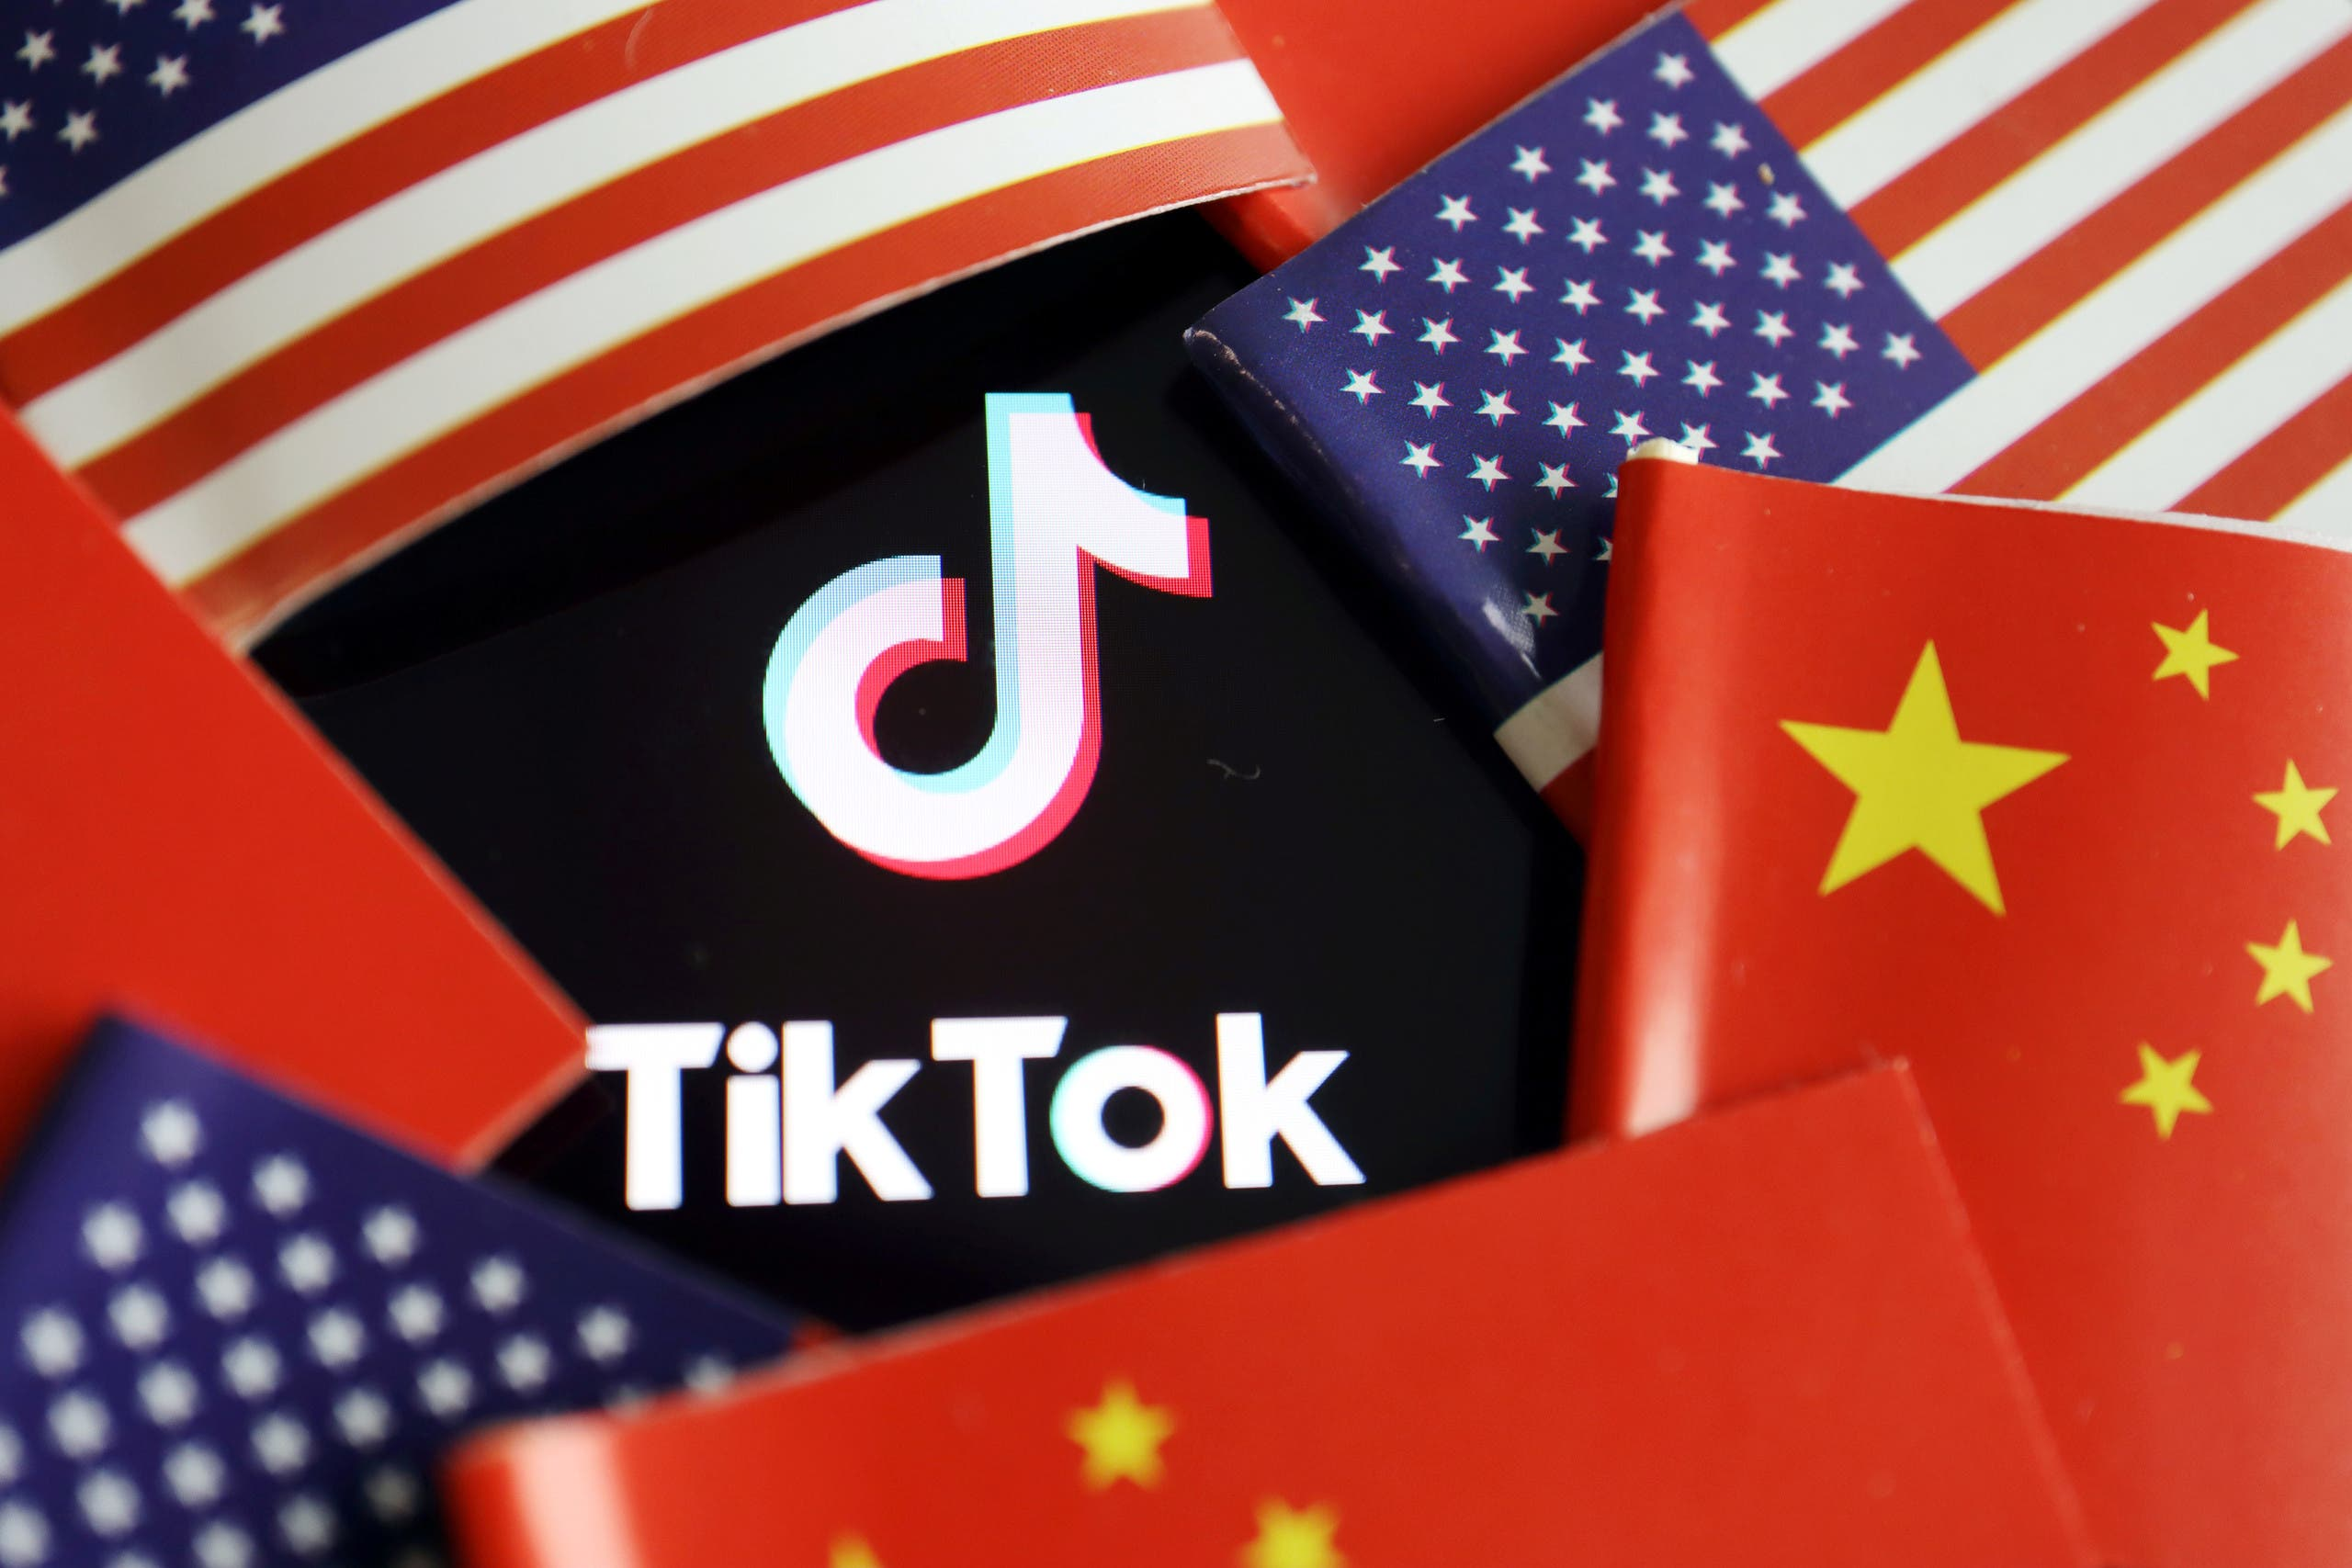 أعلام أميركية وصينية بجوار شعار تيك توك